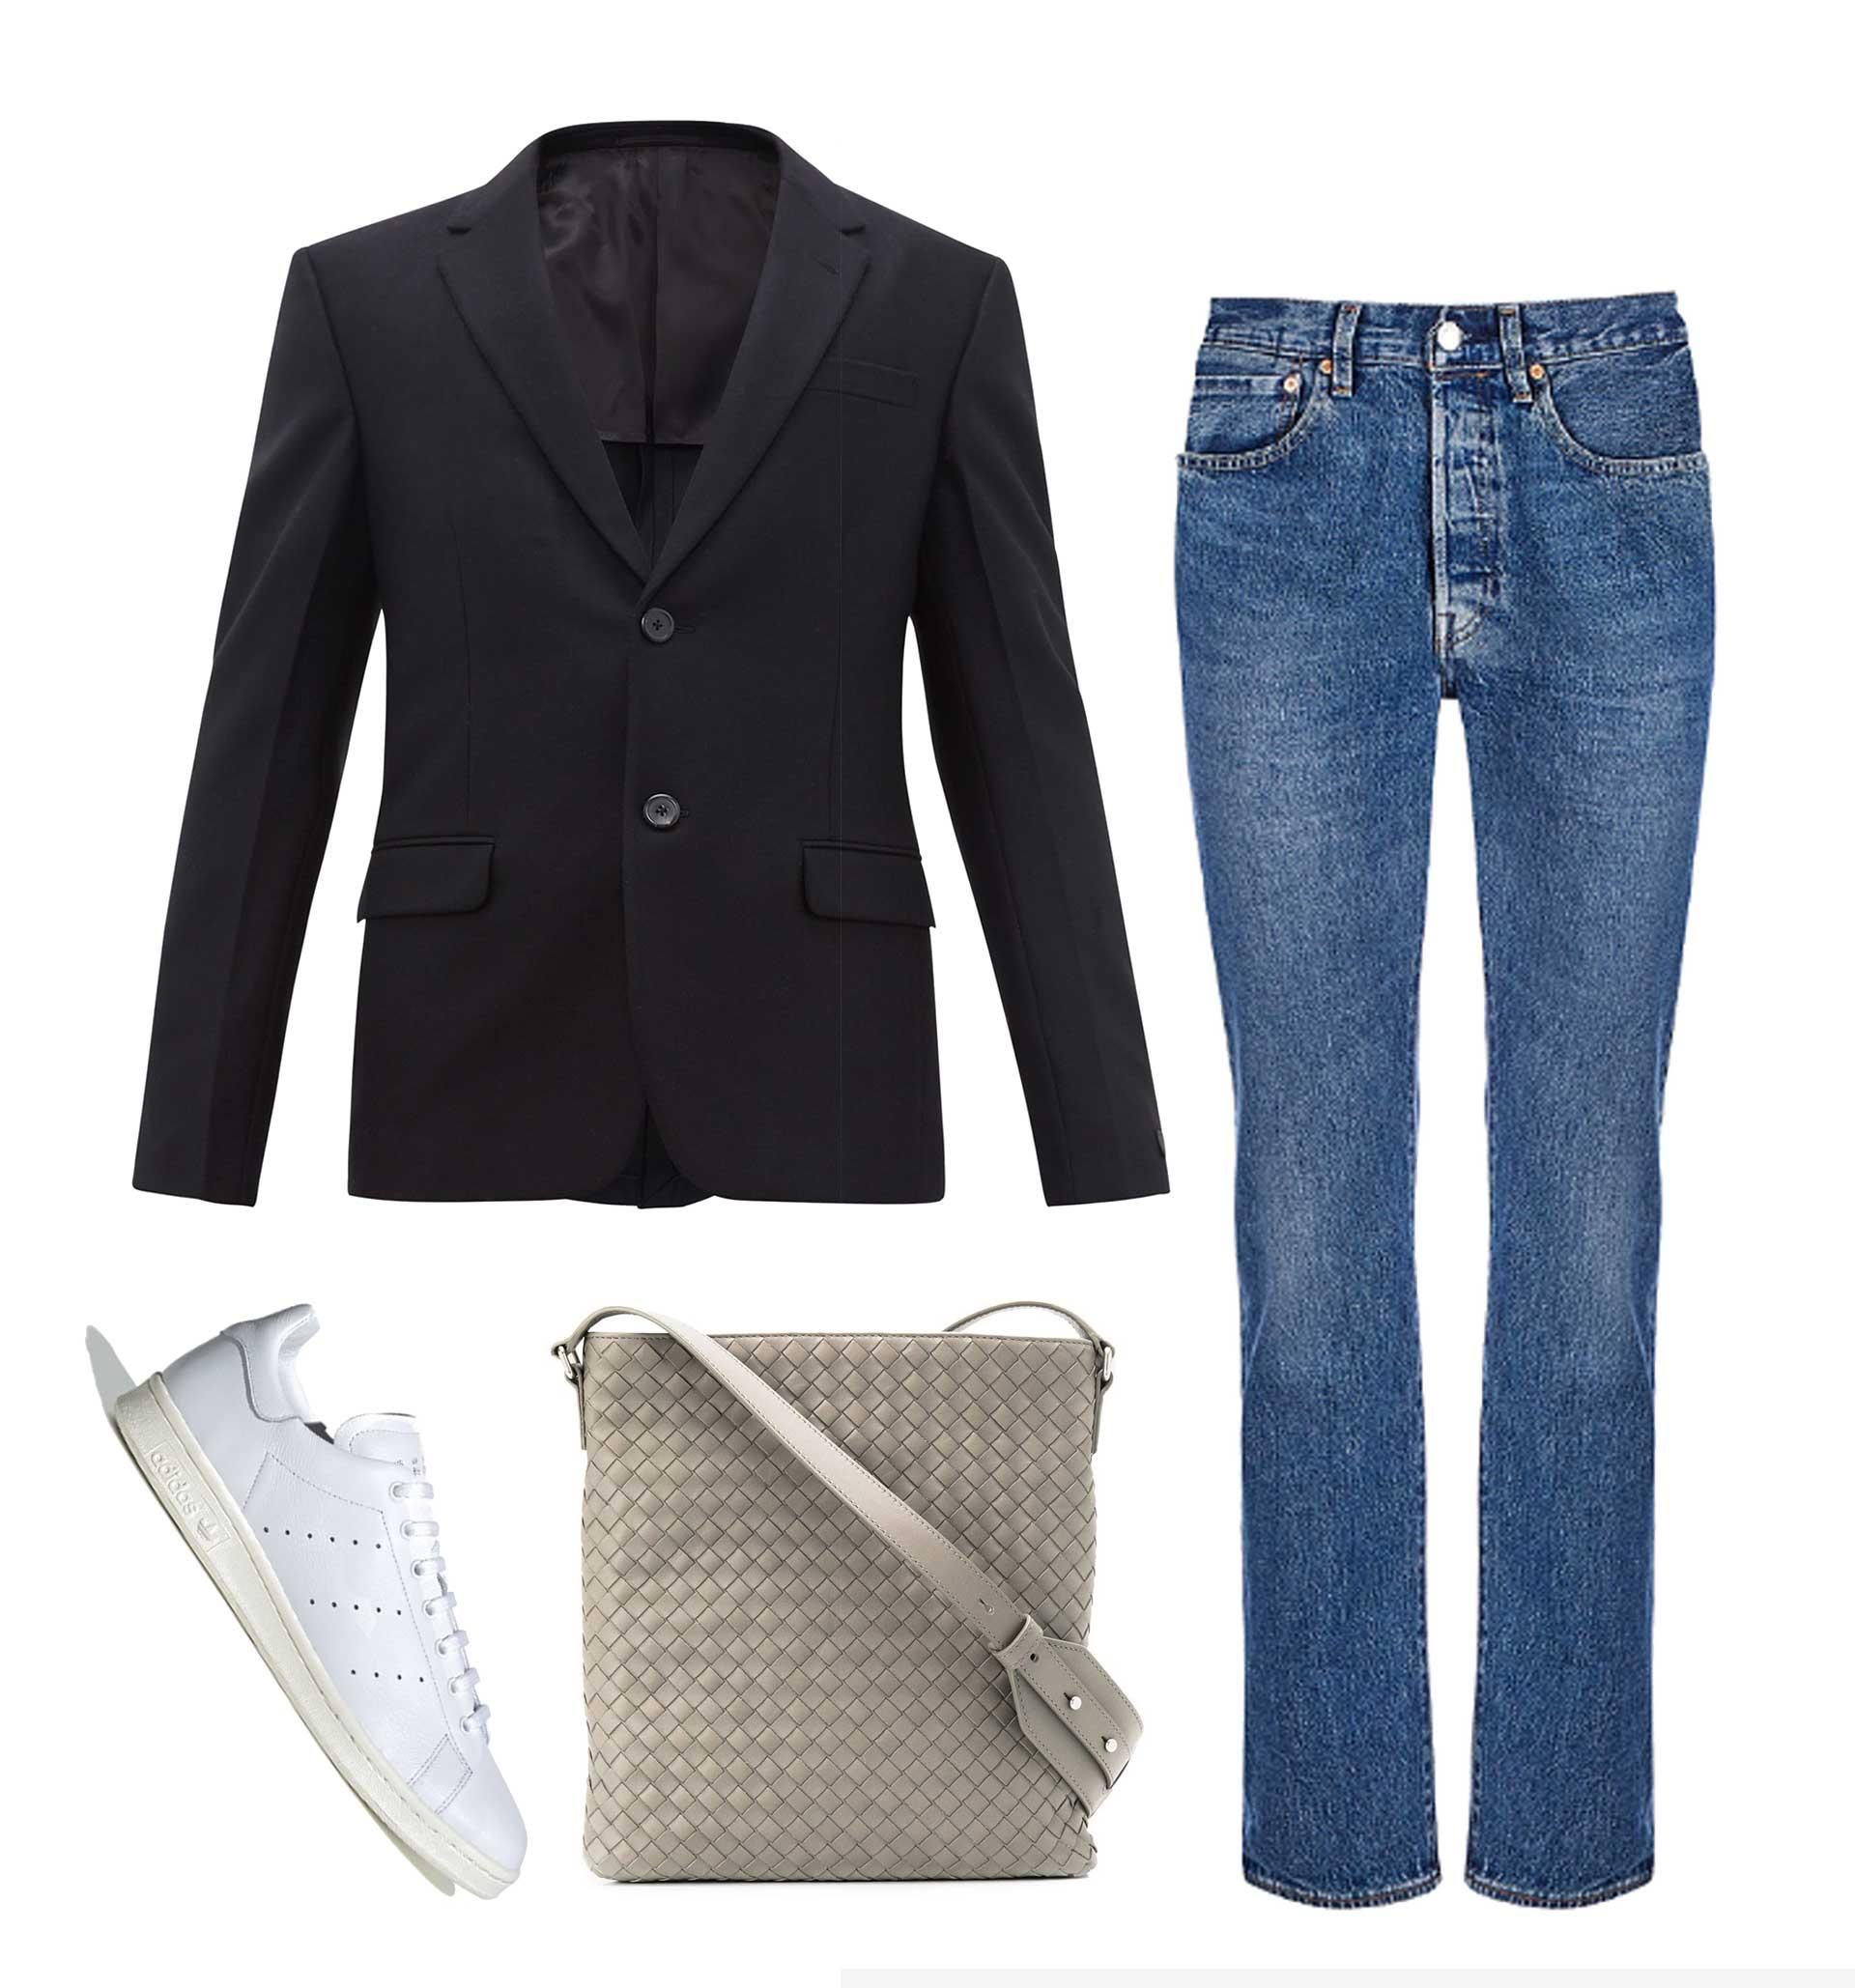 Джинсы Levi's, 7900 рублей; пиджак Prada, €1450; обувь adidas, 10999 рублей; cумка Bottega Veneta, 87761 рублей